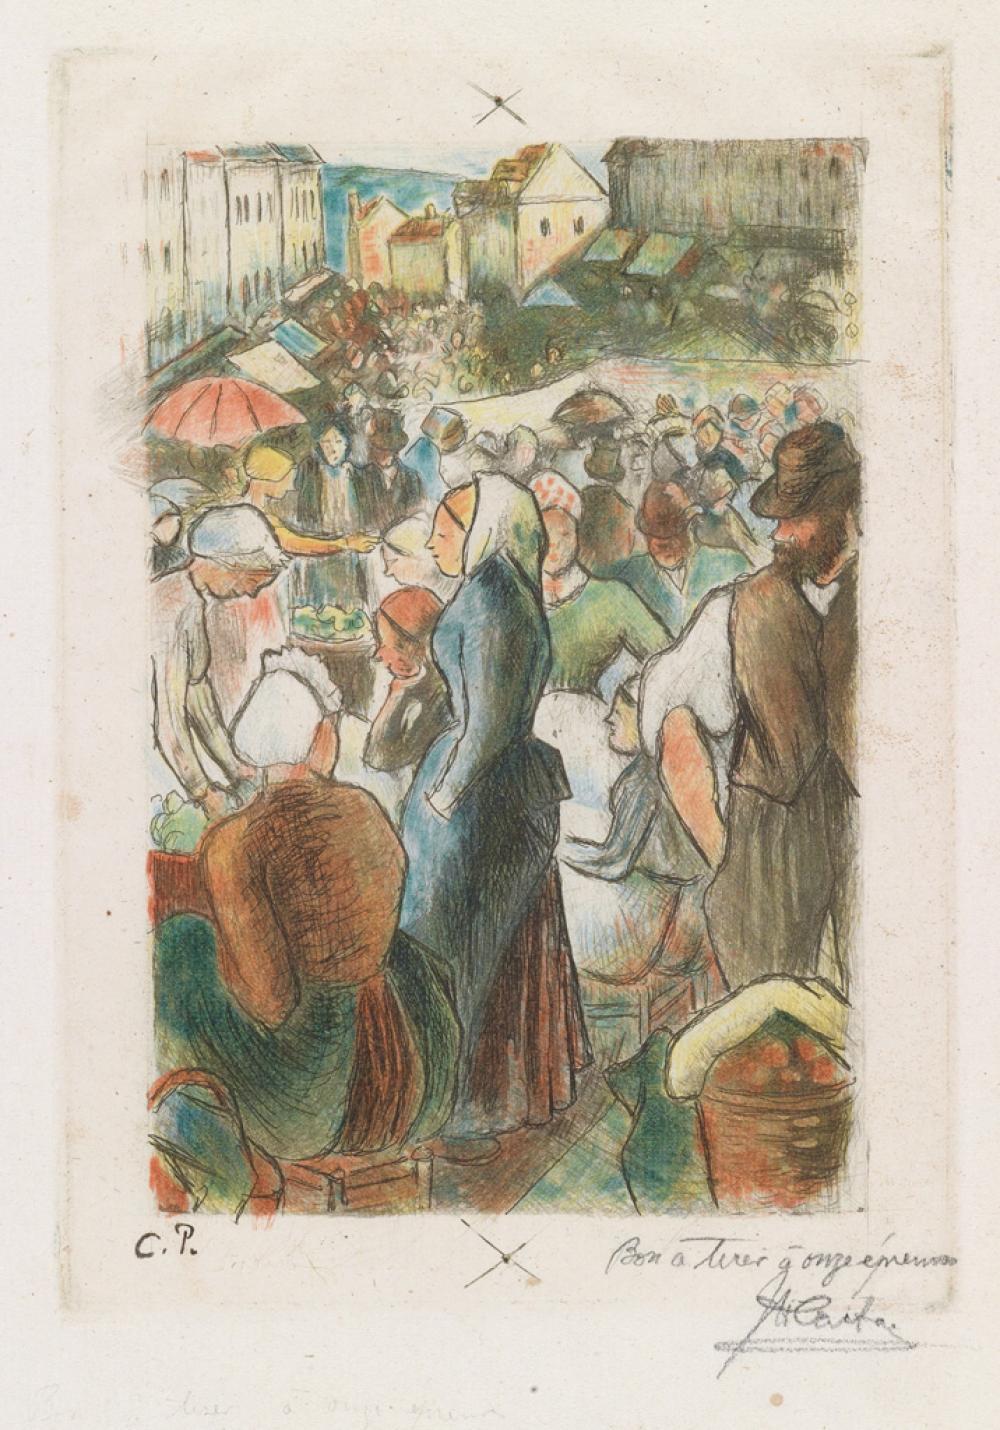 CAMILLE PISSARRO Église et ferme d'Eragny * Mendiantes * Paysannes à l'herbe * Marché de Gisors (rue Cappeville) * Baigneuses gardeus